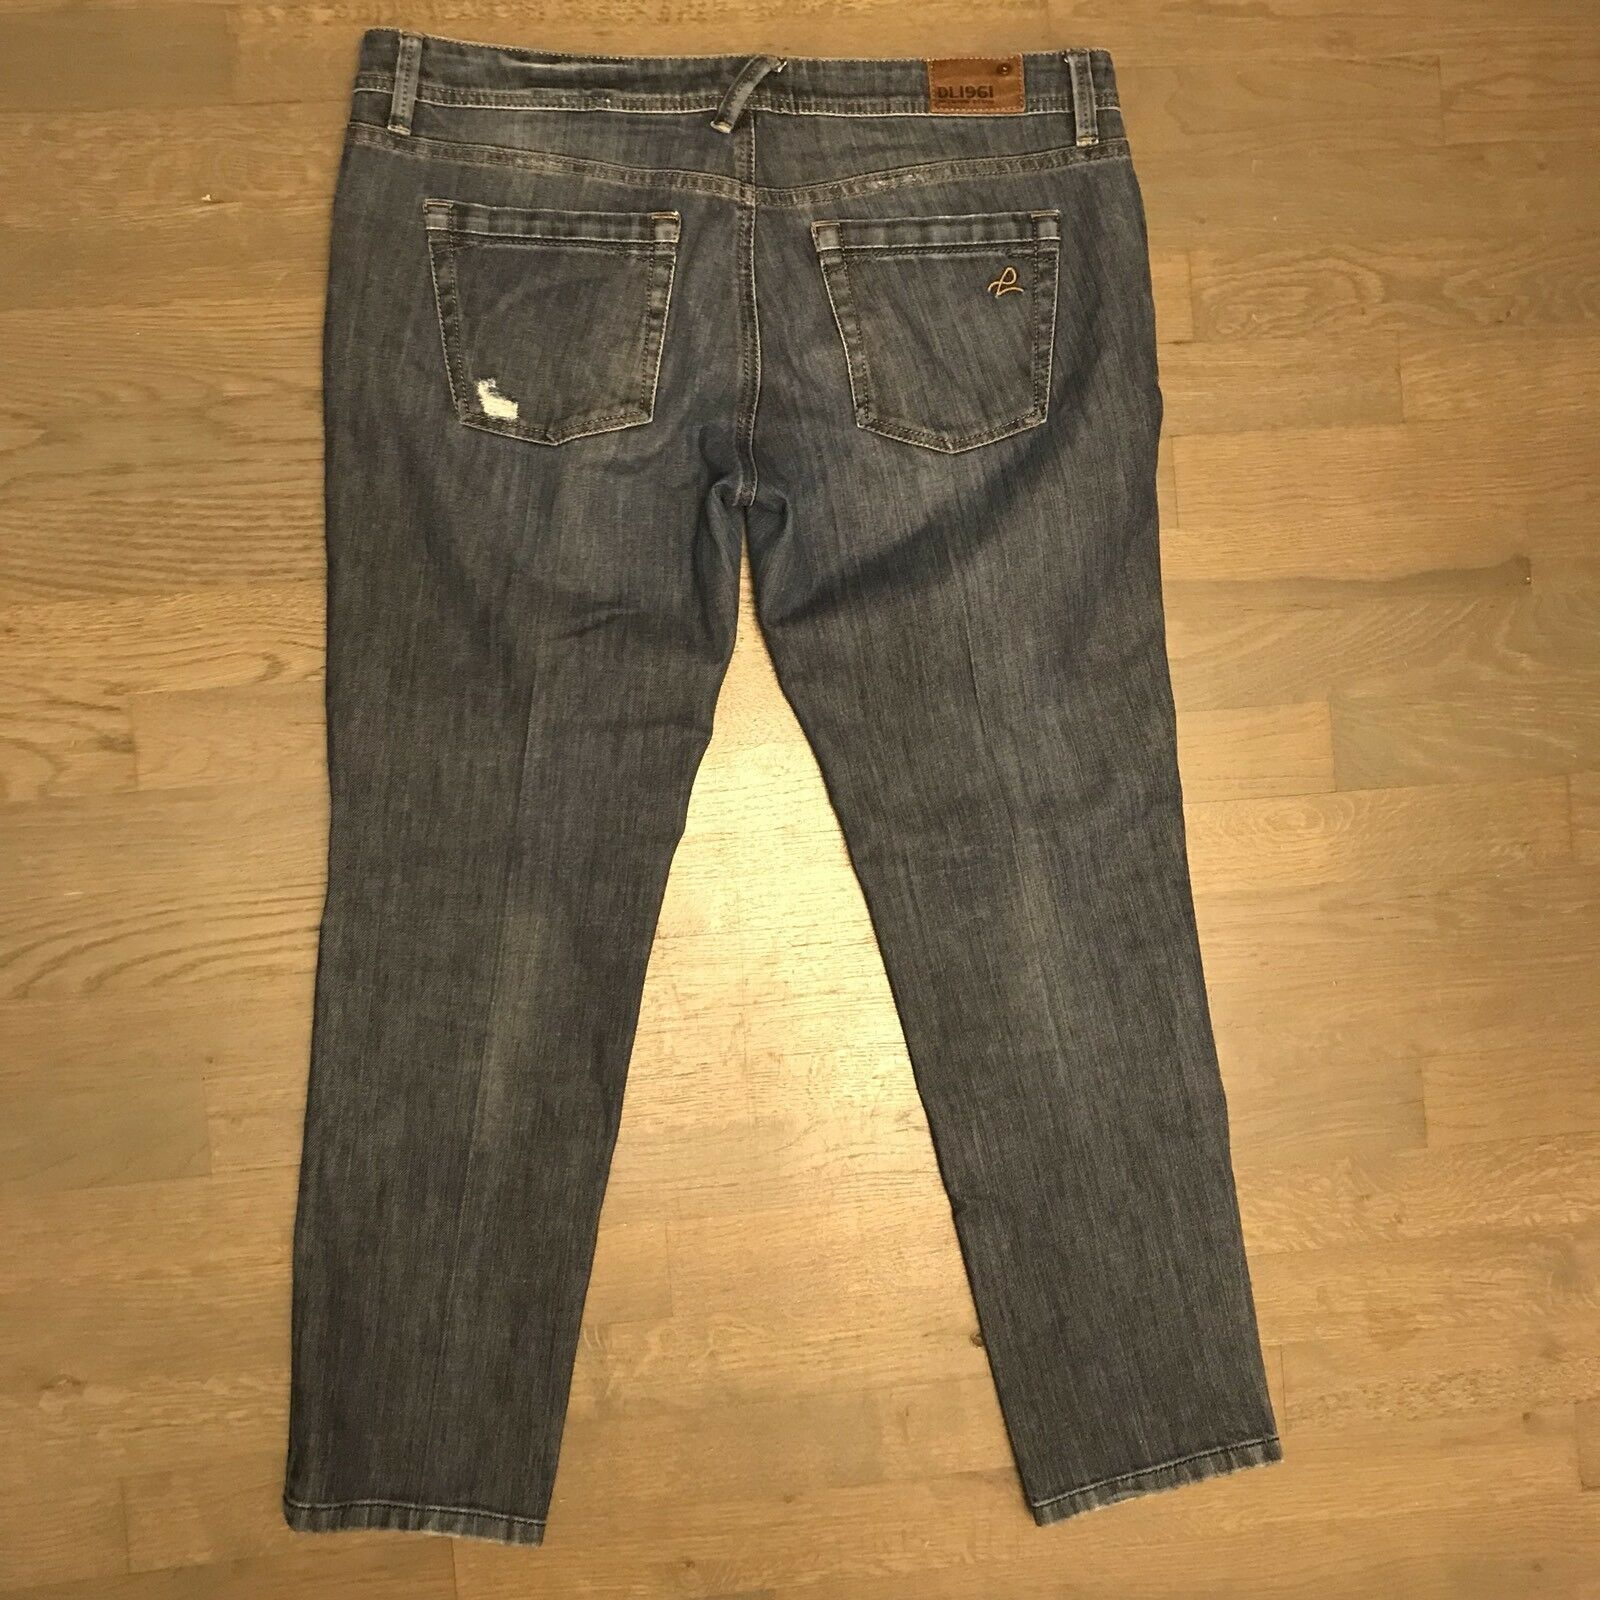 DL1961 JOJO Boyfriend Twister Crop Stretch Denim Jeans Woman's Size 32 126855